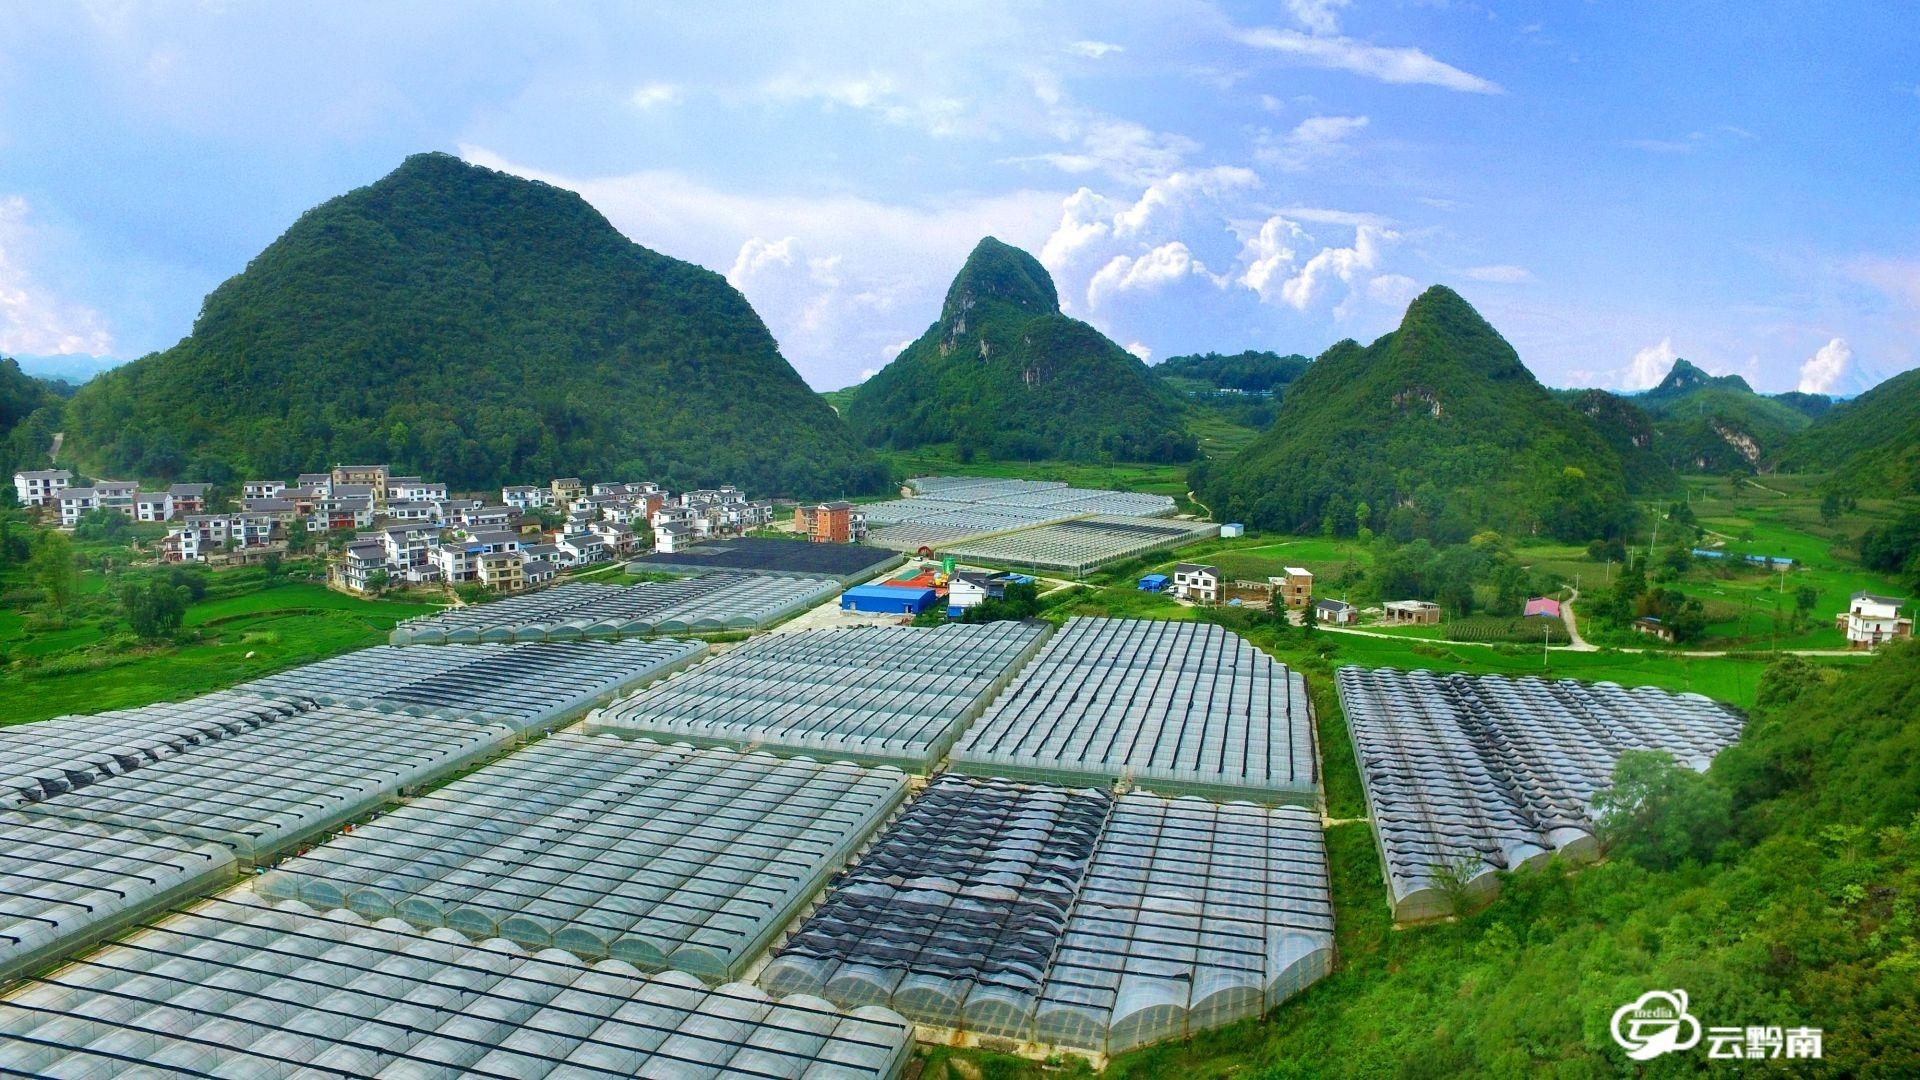 特色农业激活农村经济一池春水——黔南州农业现代化发展掠影